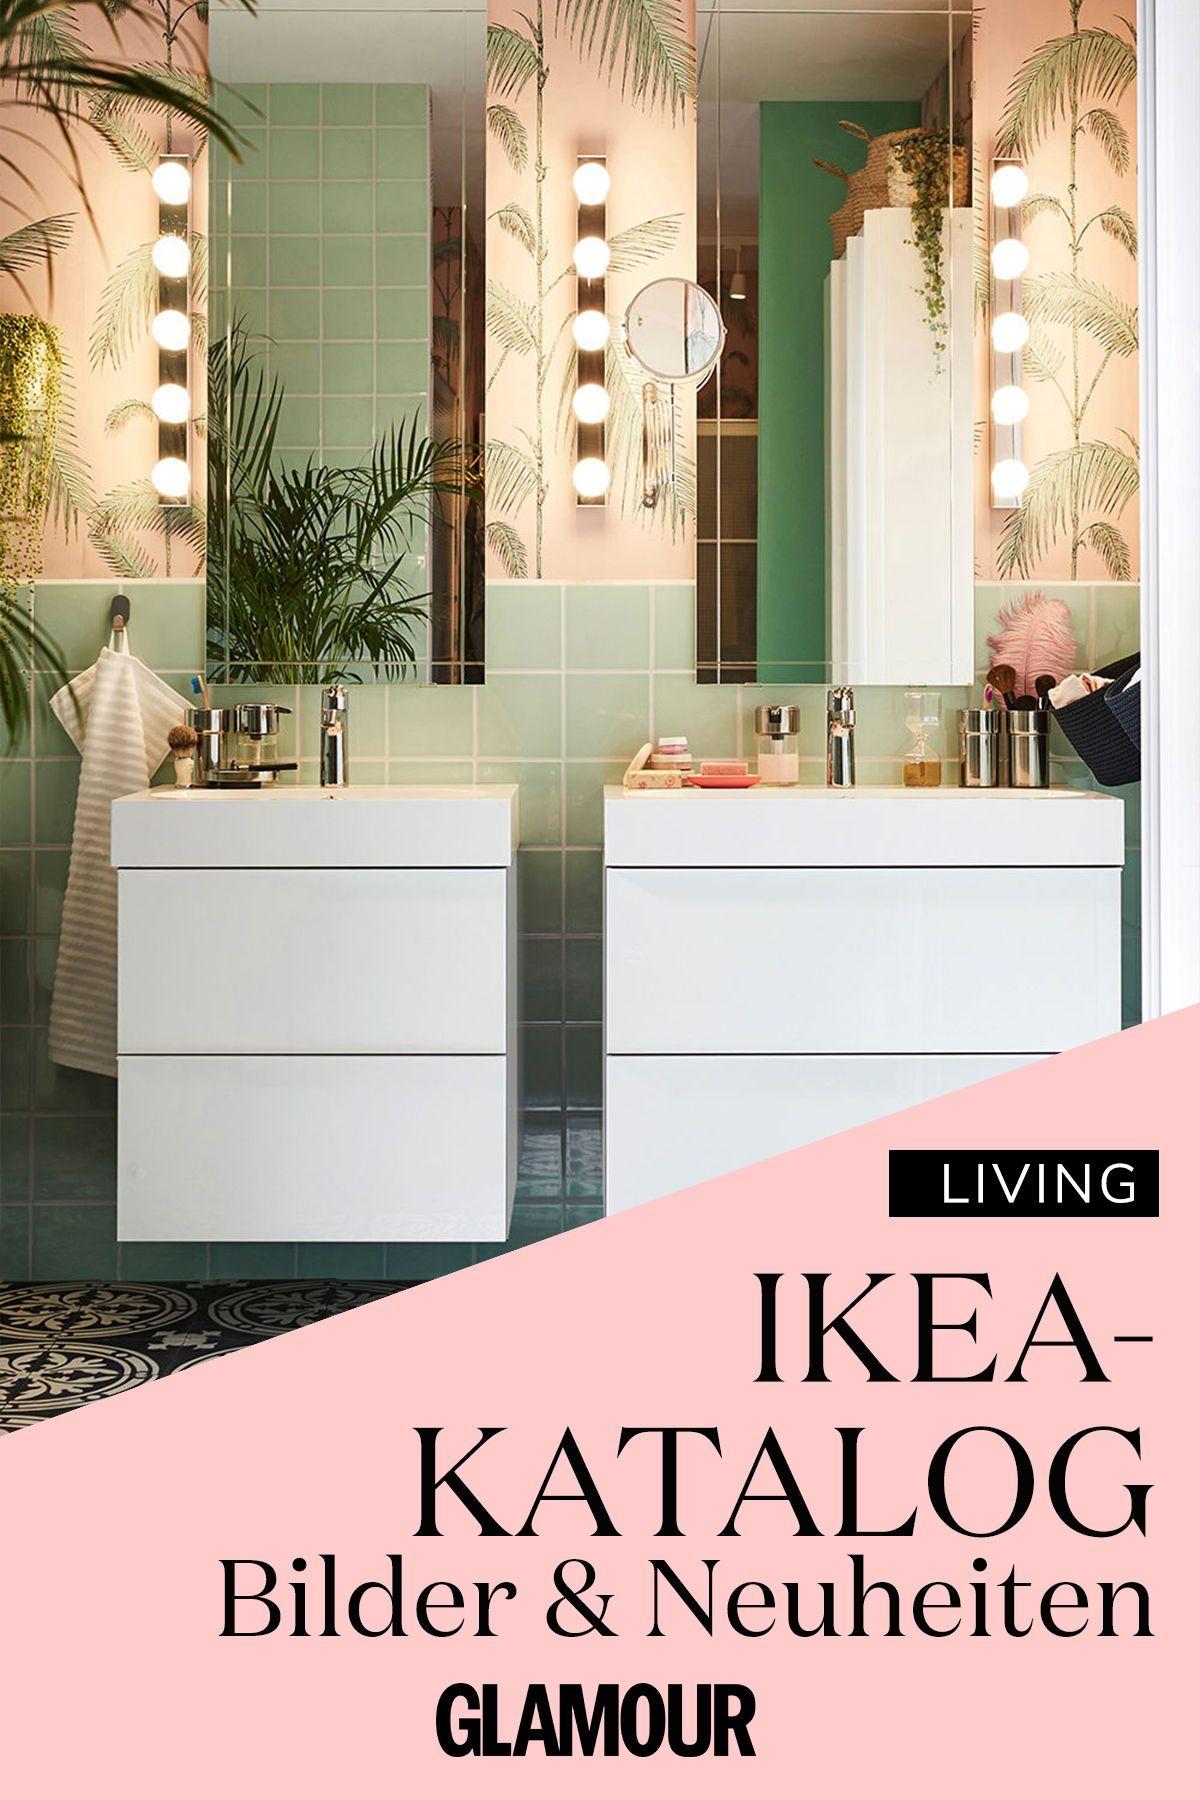 Ikea Katalog 2020 Alle Infos Bilder Ikea Haus Einrichten Einrichten Und Wohnen